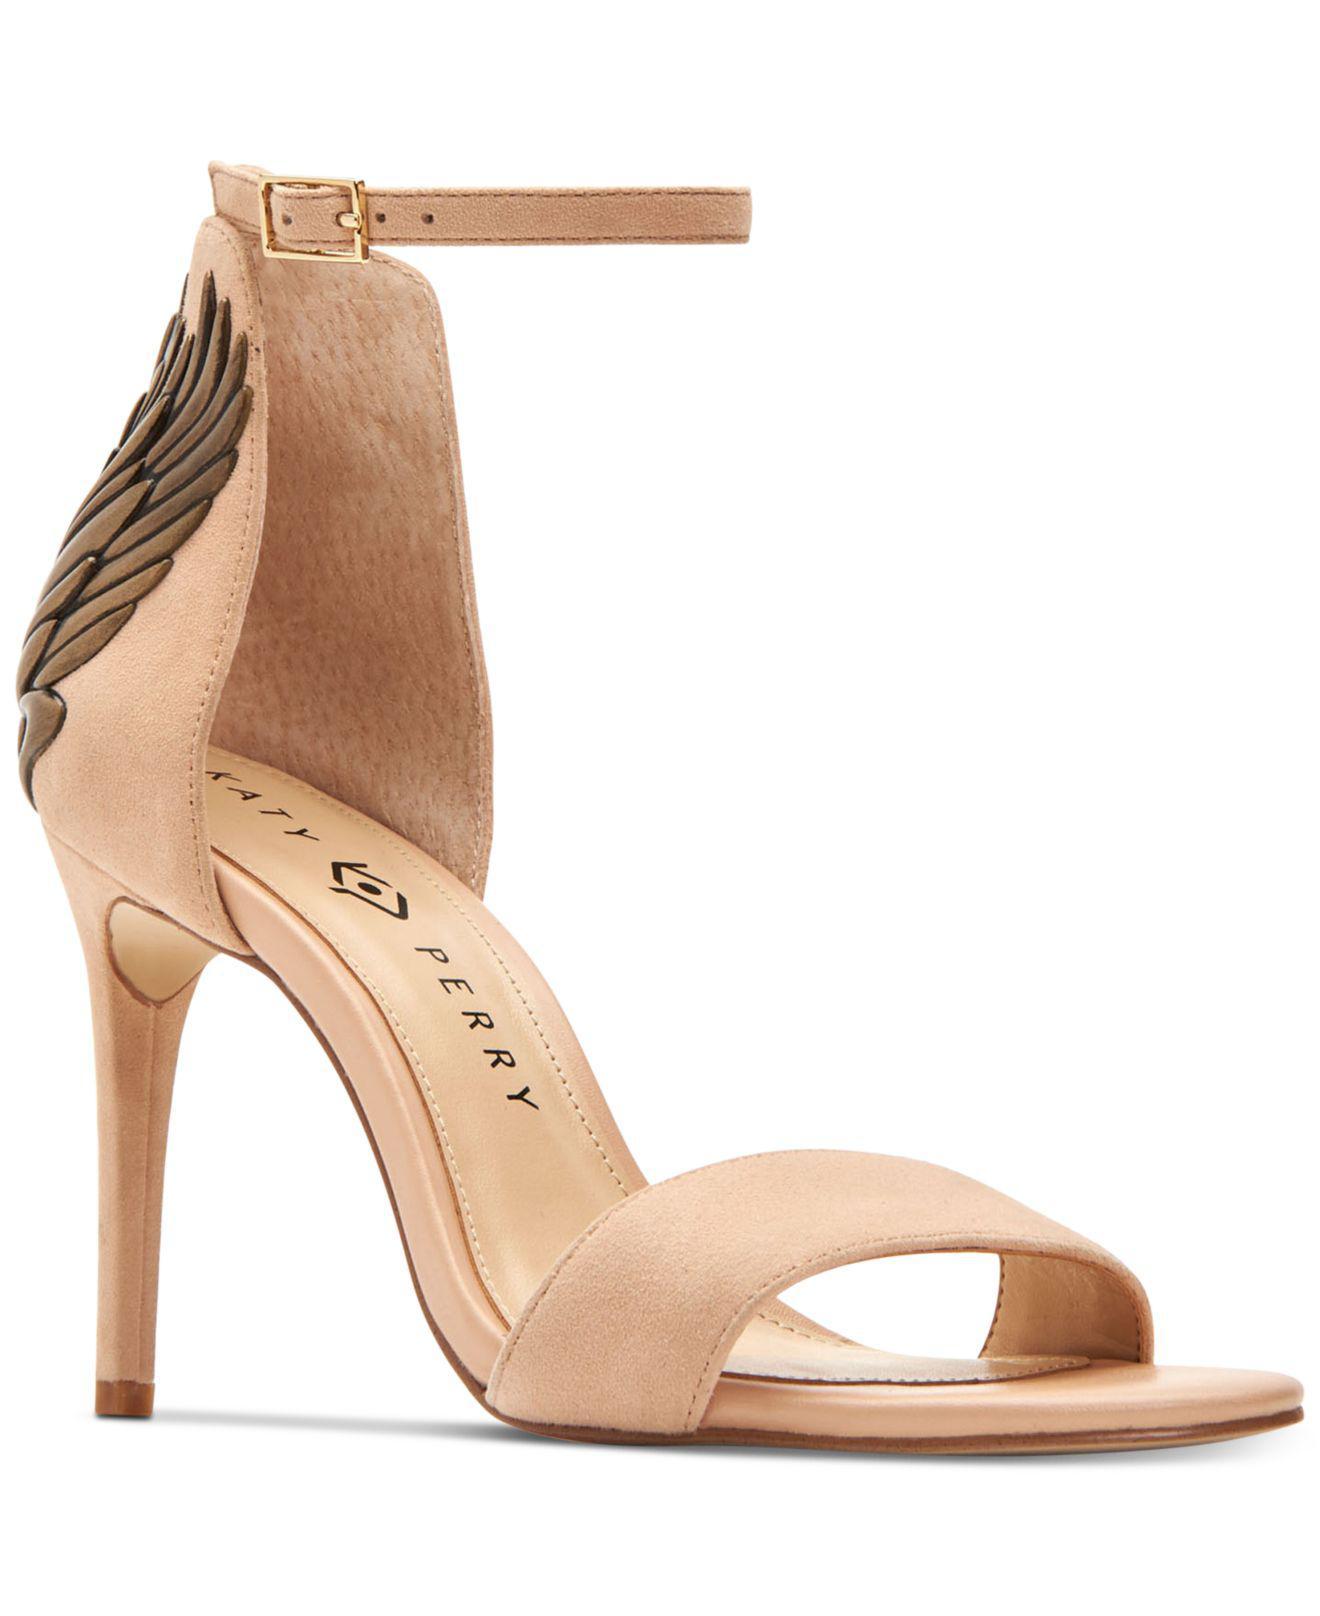 Katy Perry The Alexann Velvet Dress Sandals sRVZiIyWB